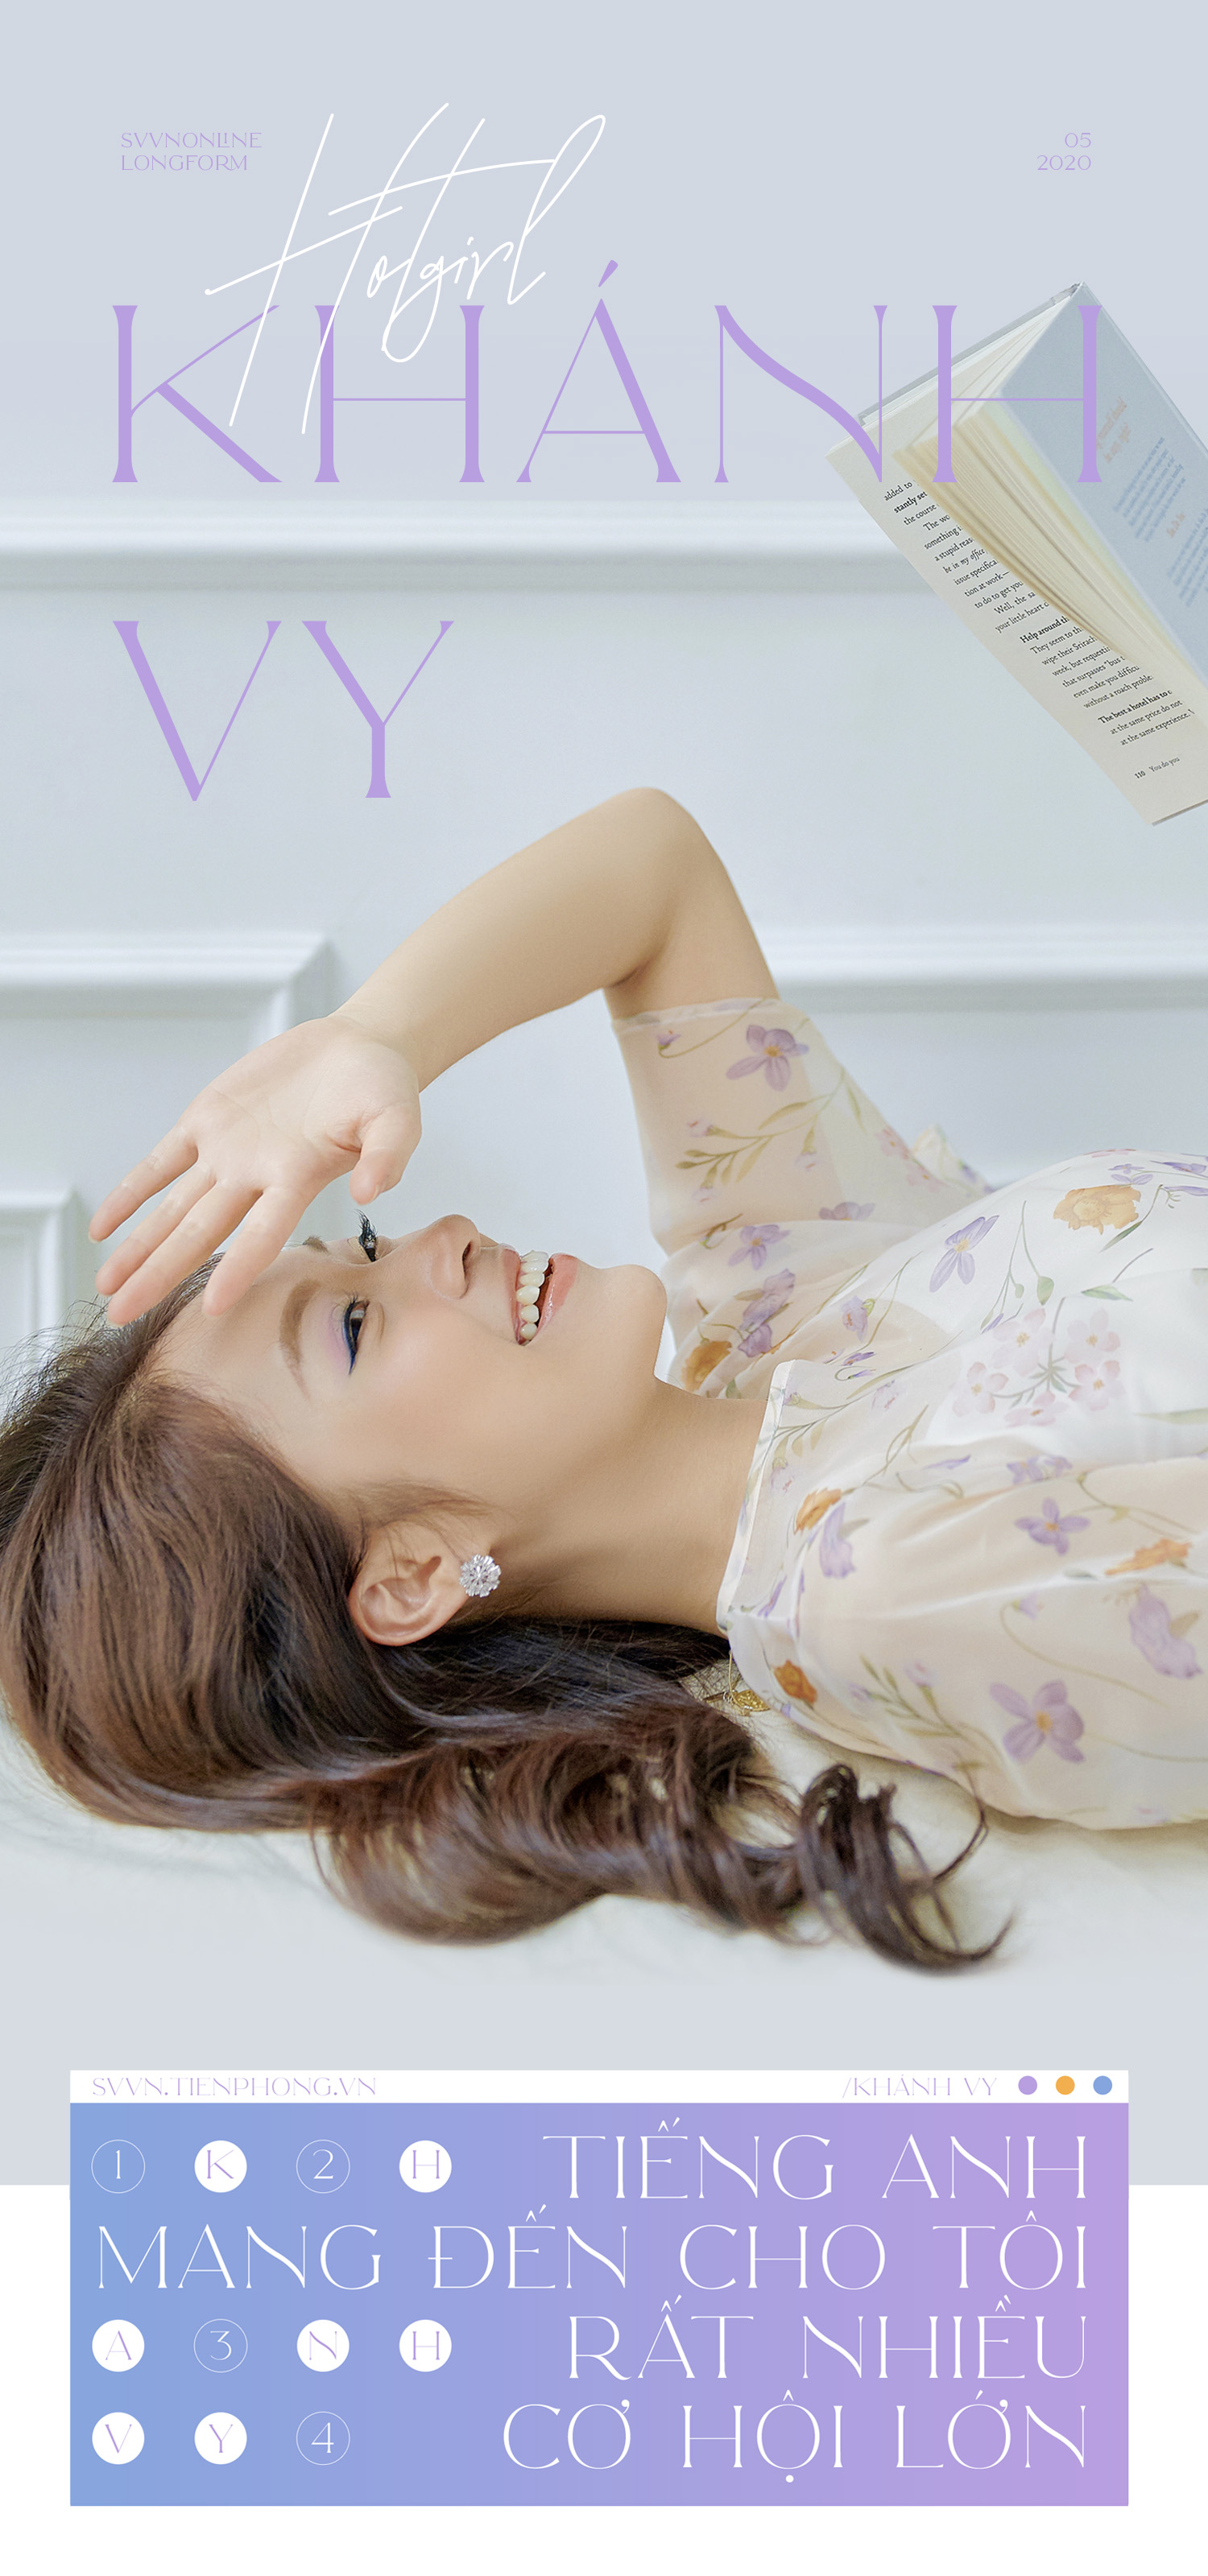 Hotgirl Khánh Vy: Tiếng Anh mang đến cho tôi rất nhiều cơ hội lớn